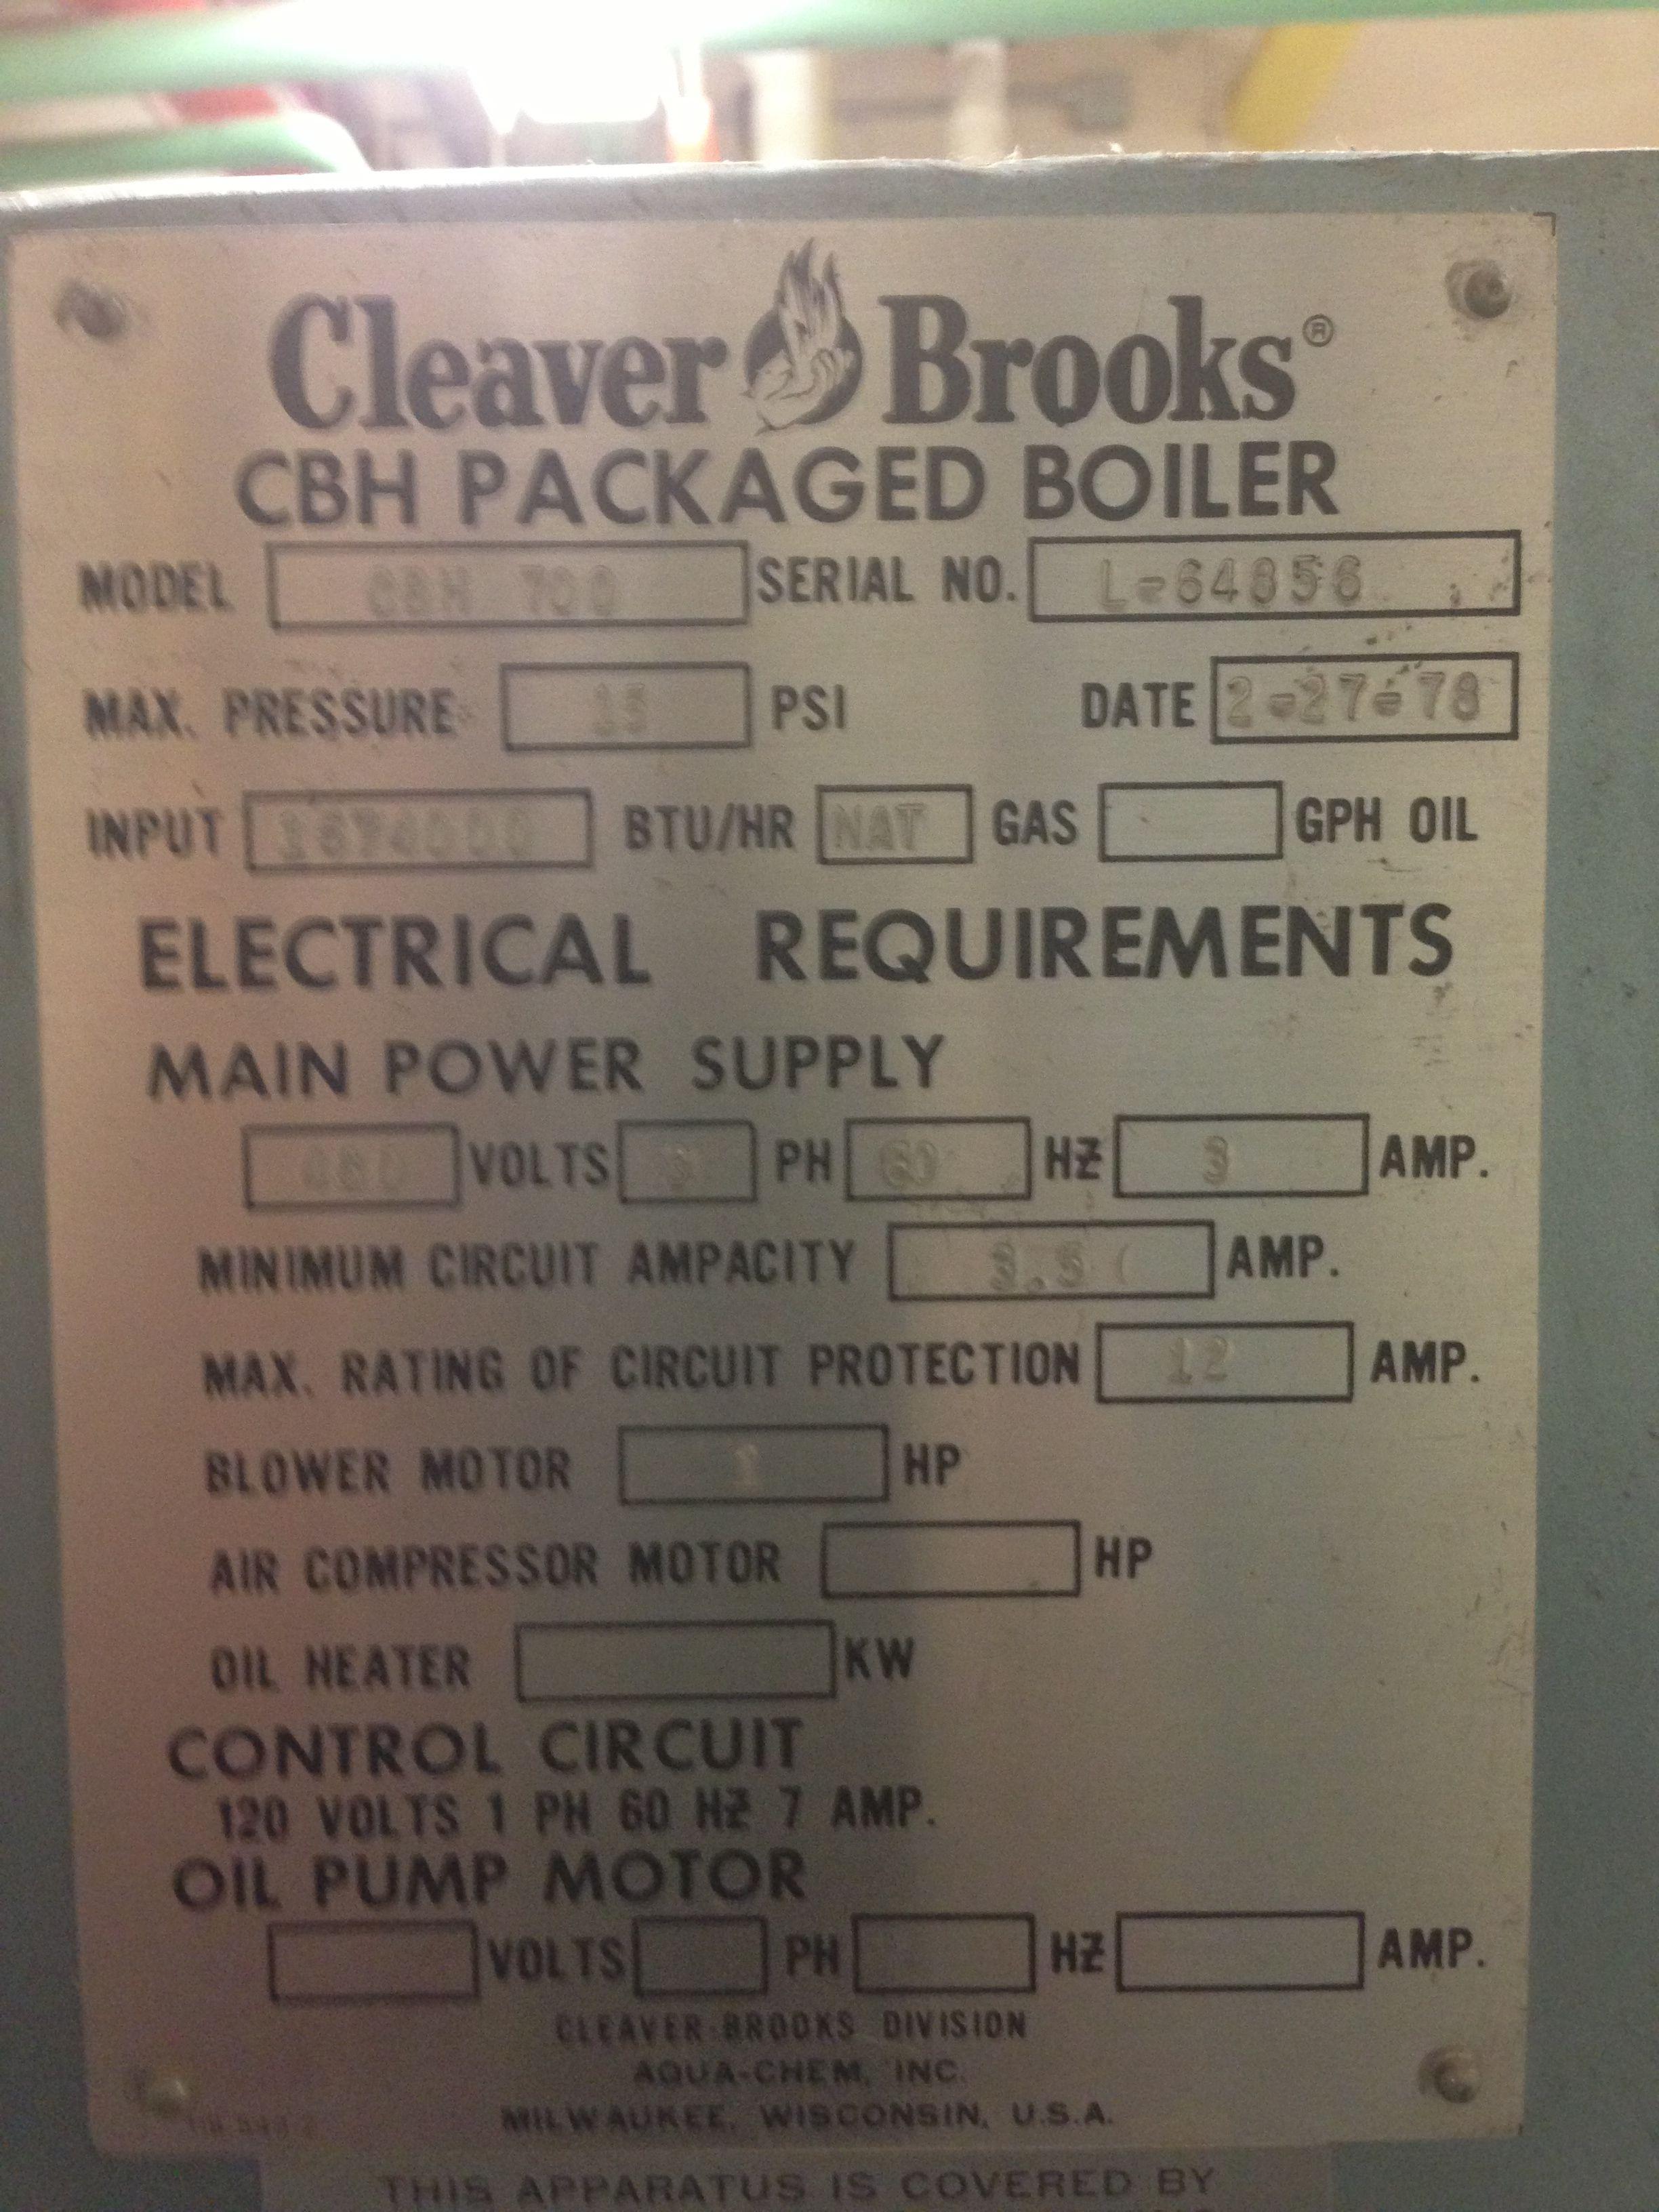 Cleaver. Brooks Air compressor motor, Engineering